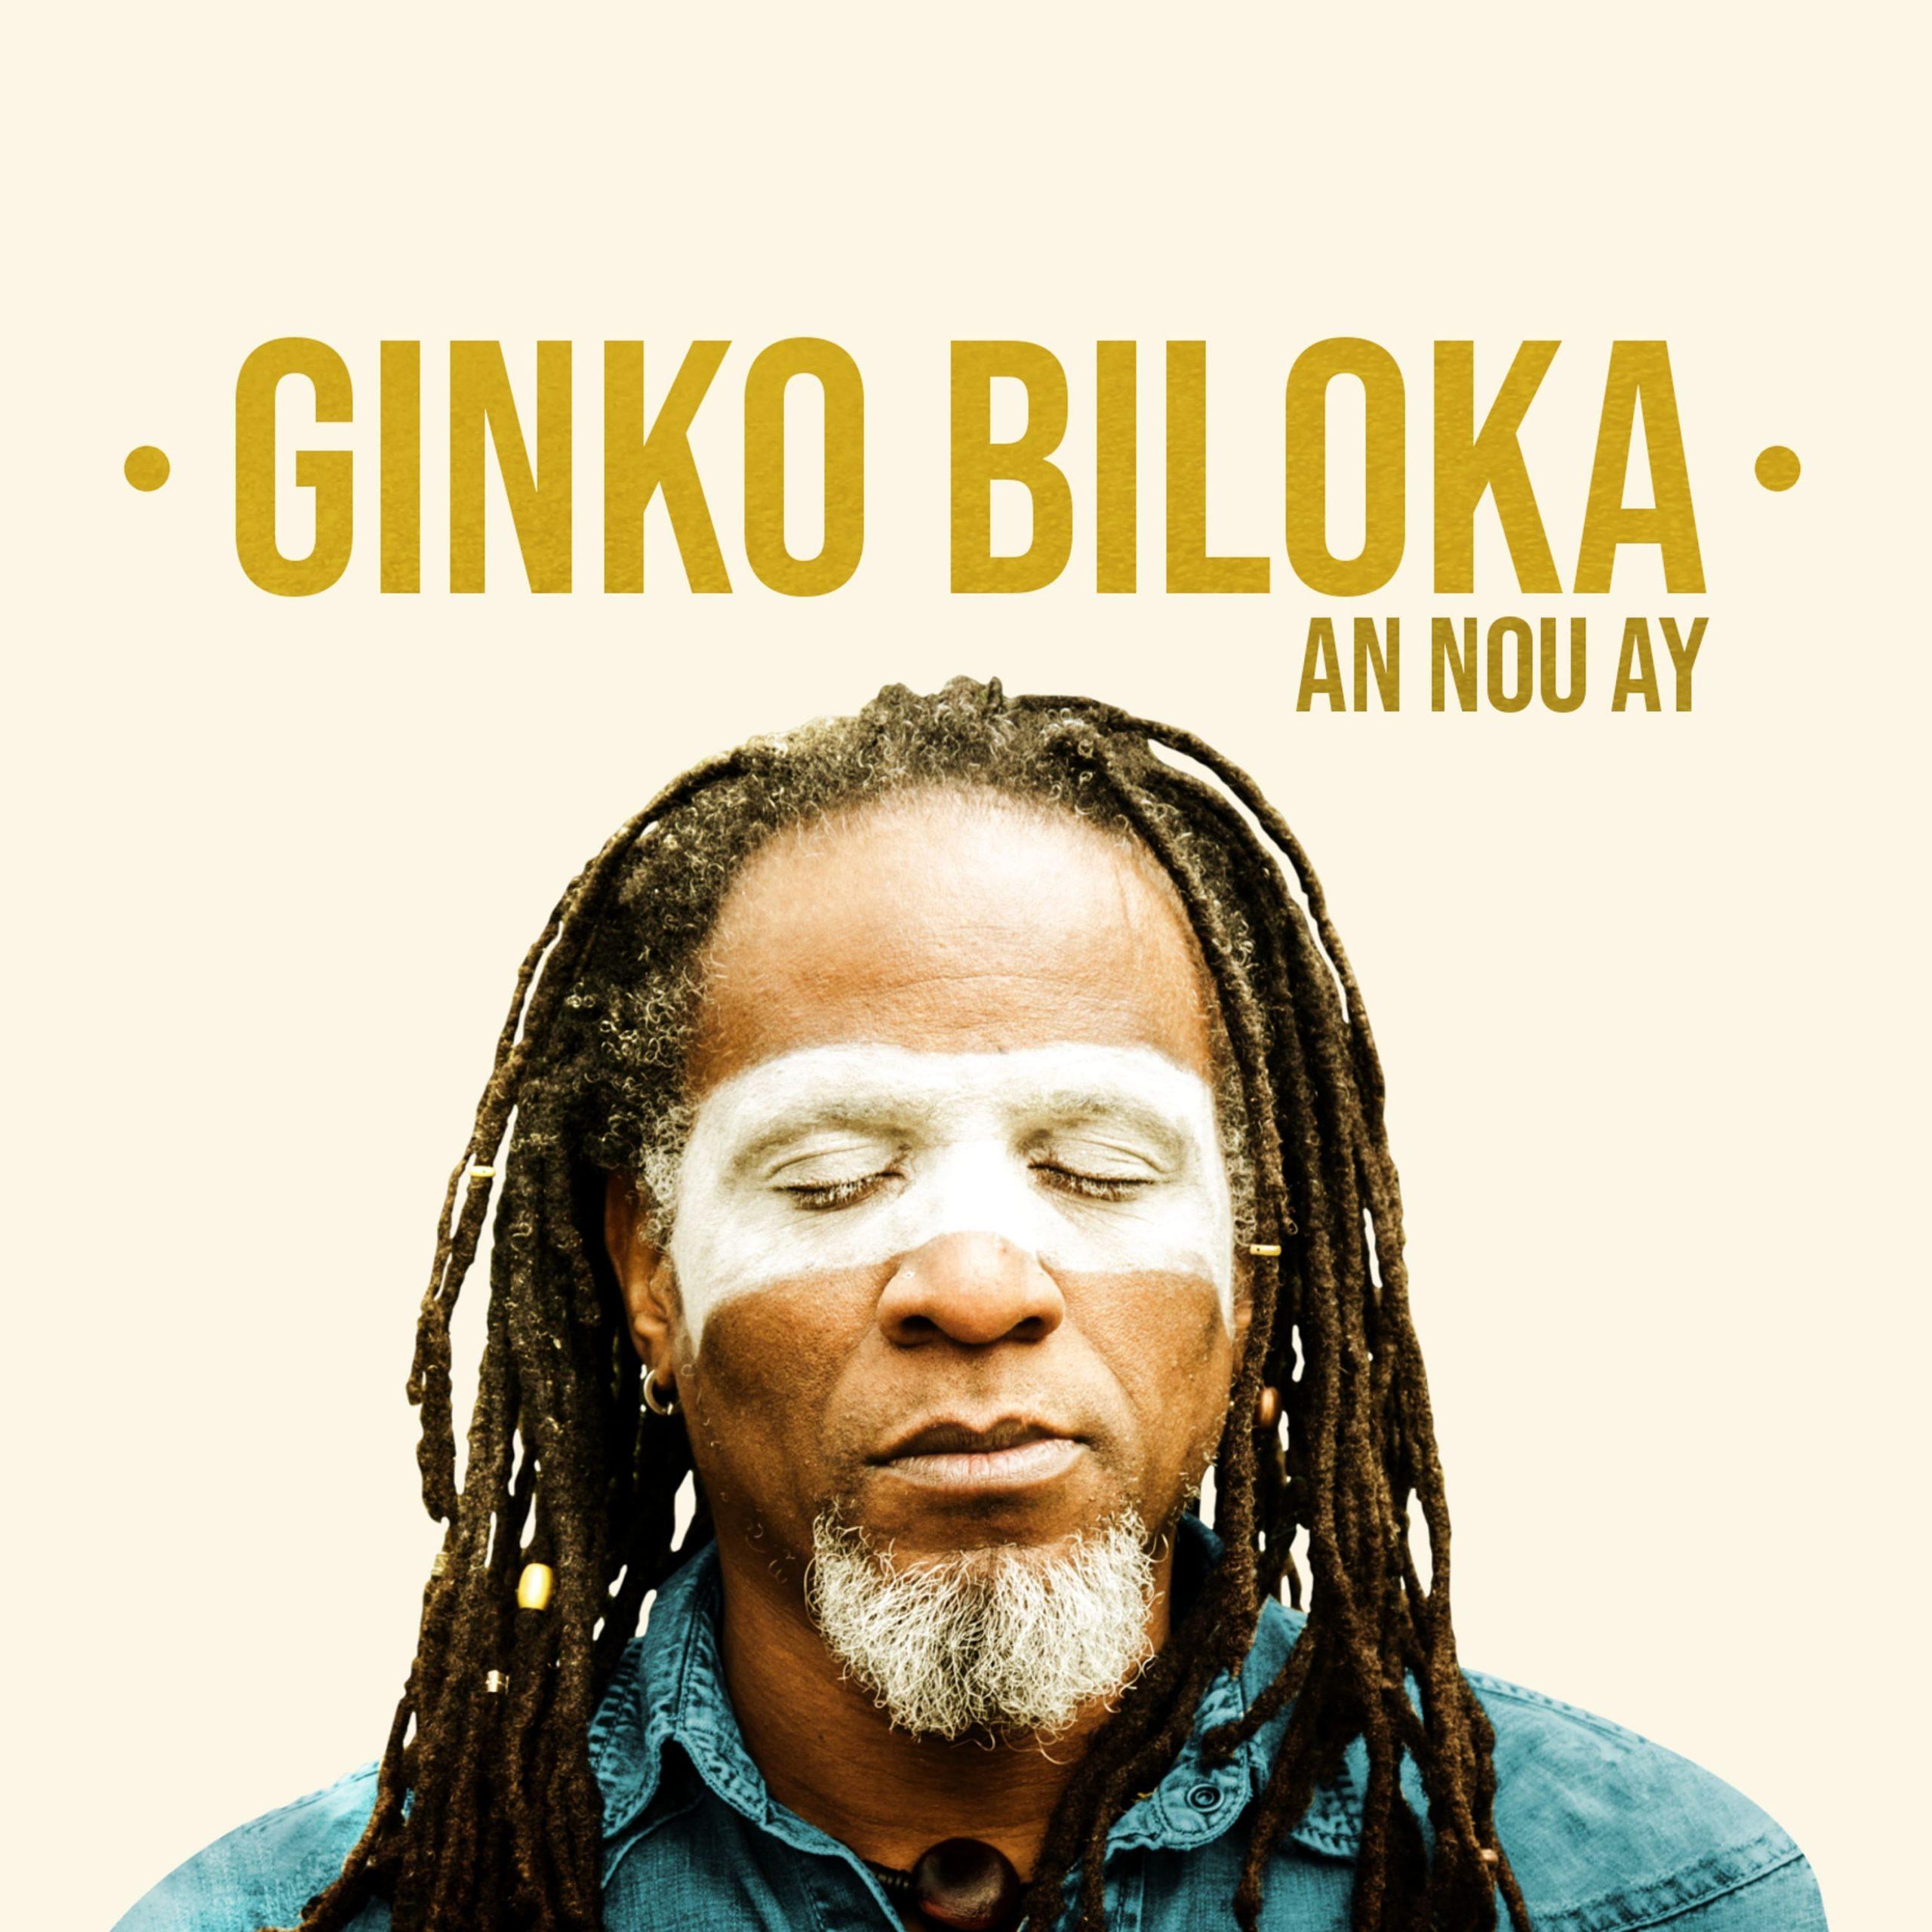 Ginko Biloka